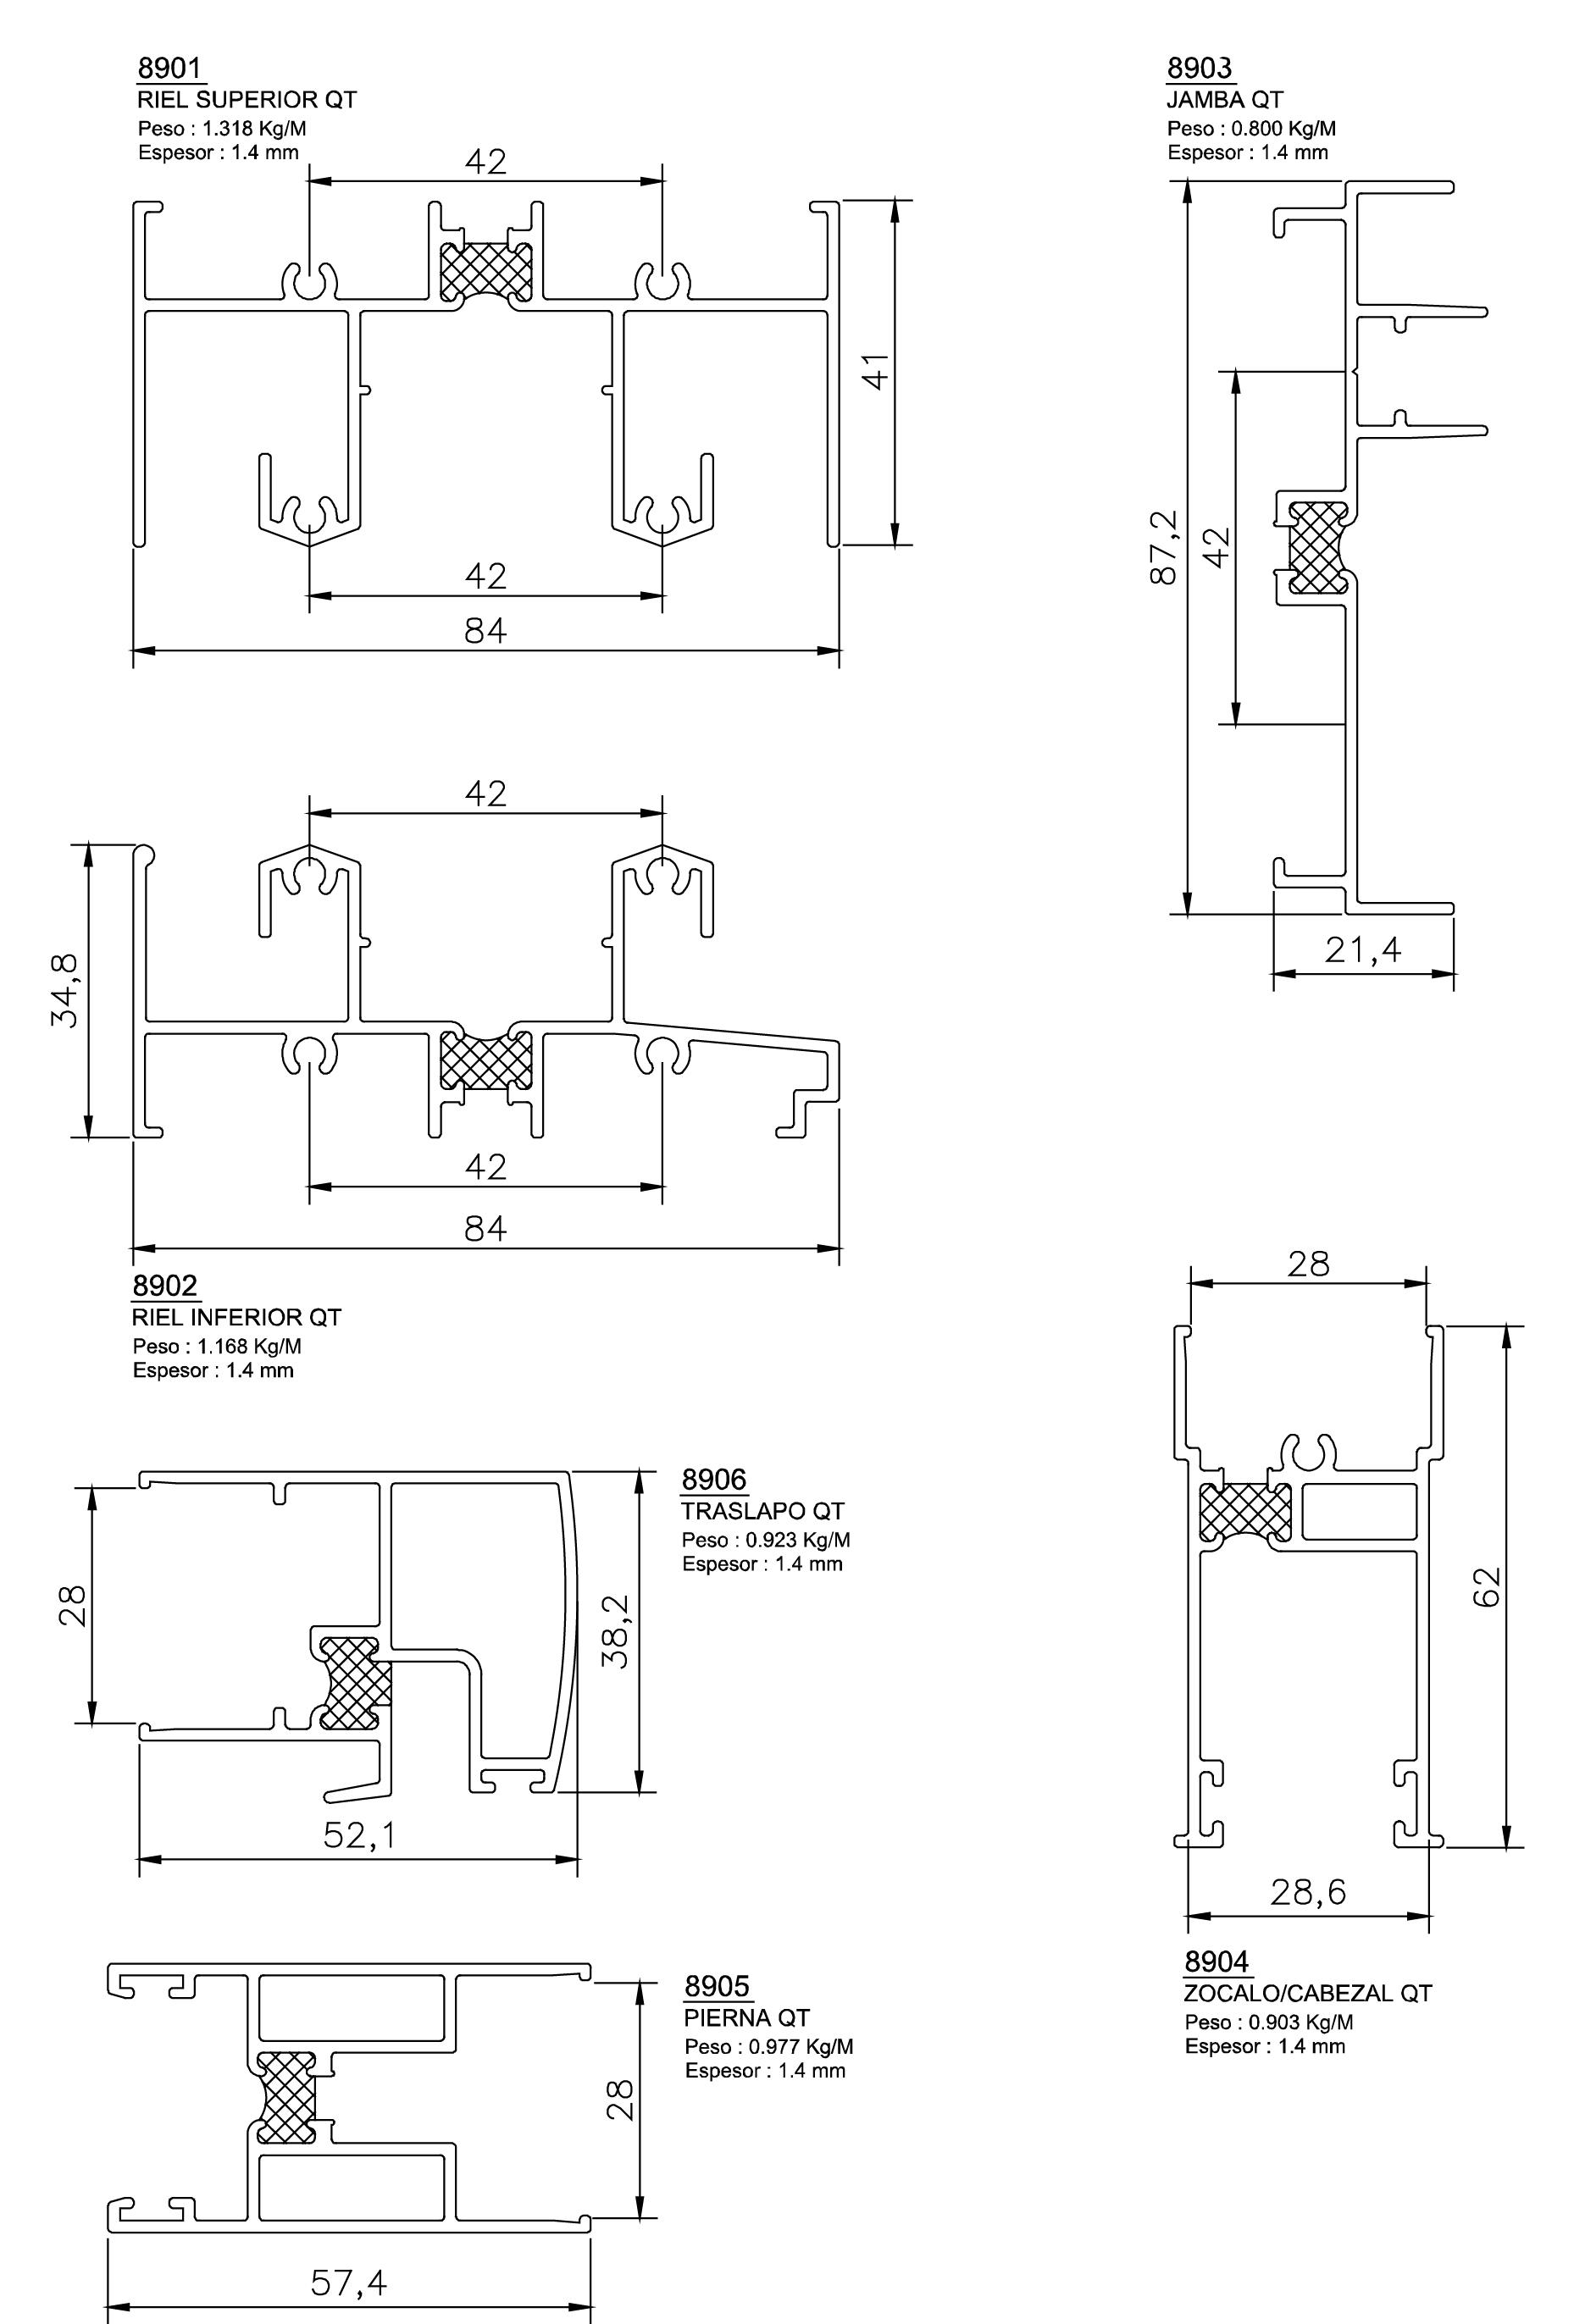 esquemas perfiles y marcos superior qt 89